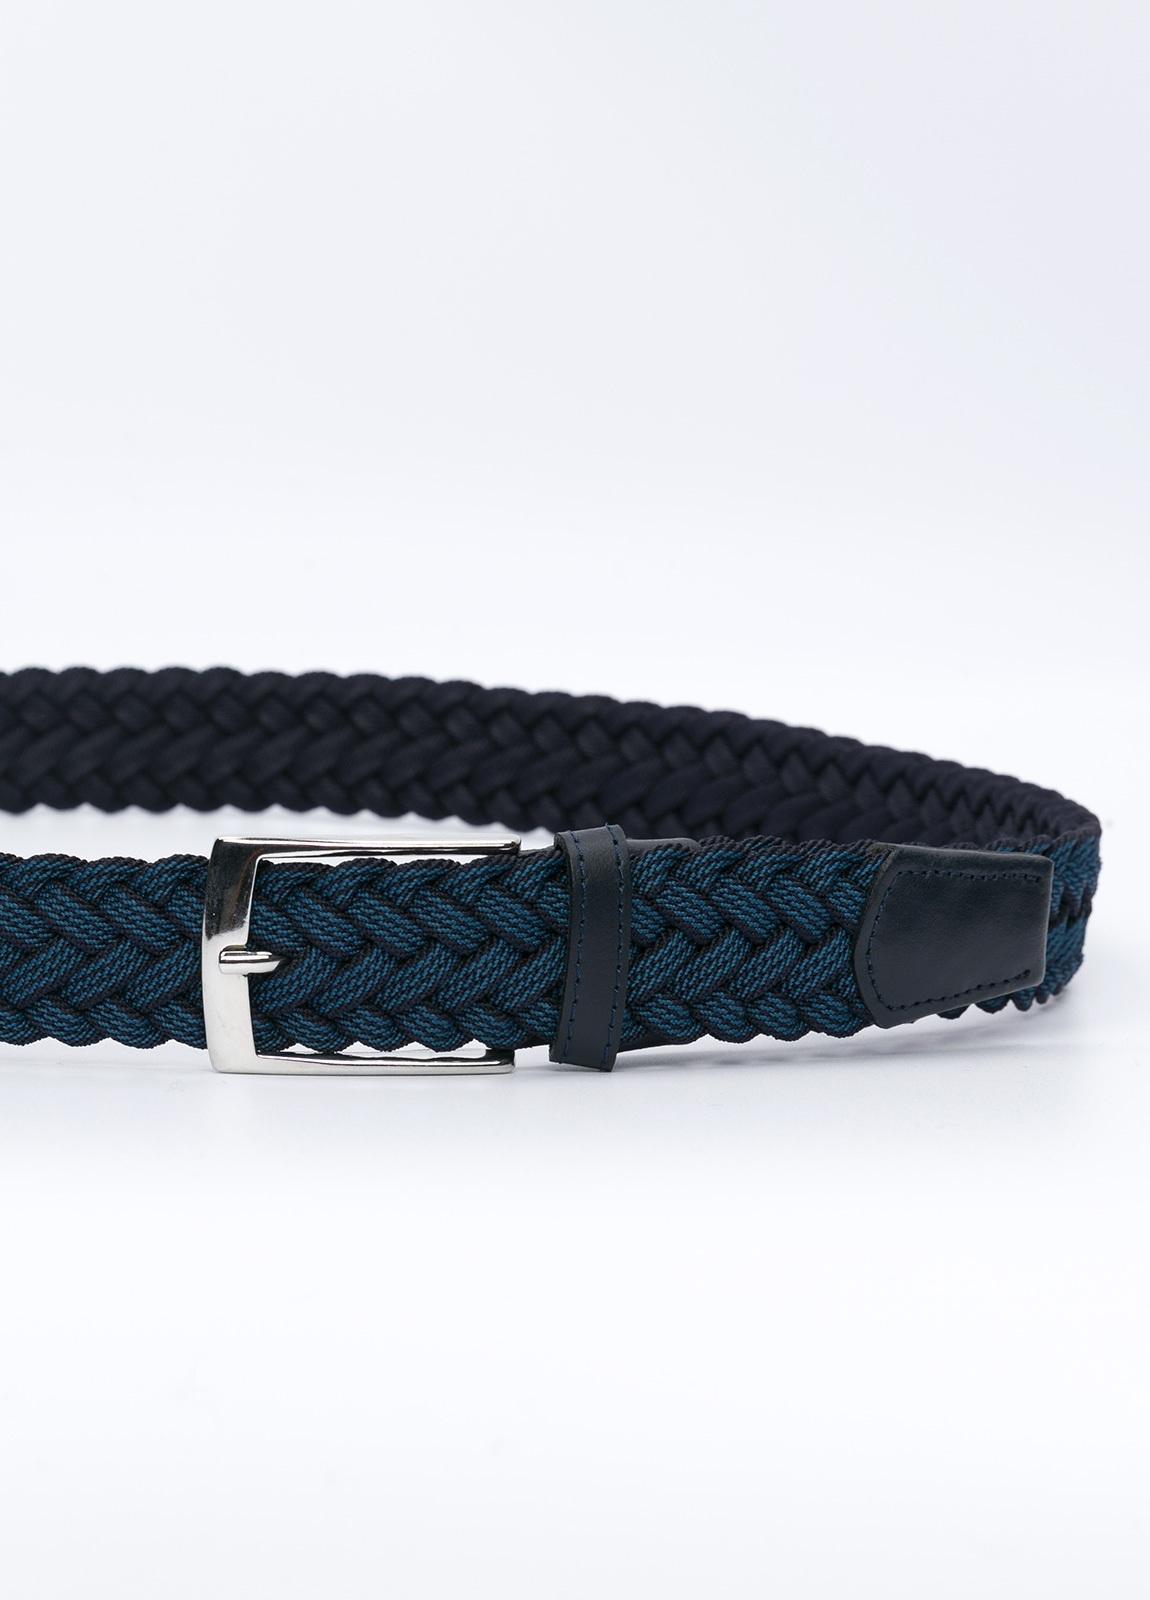 Cinturón Sport trenzado, color azulón y azul marino. Piel y algodón. - Ítem1